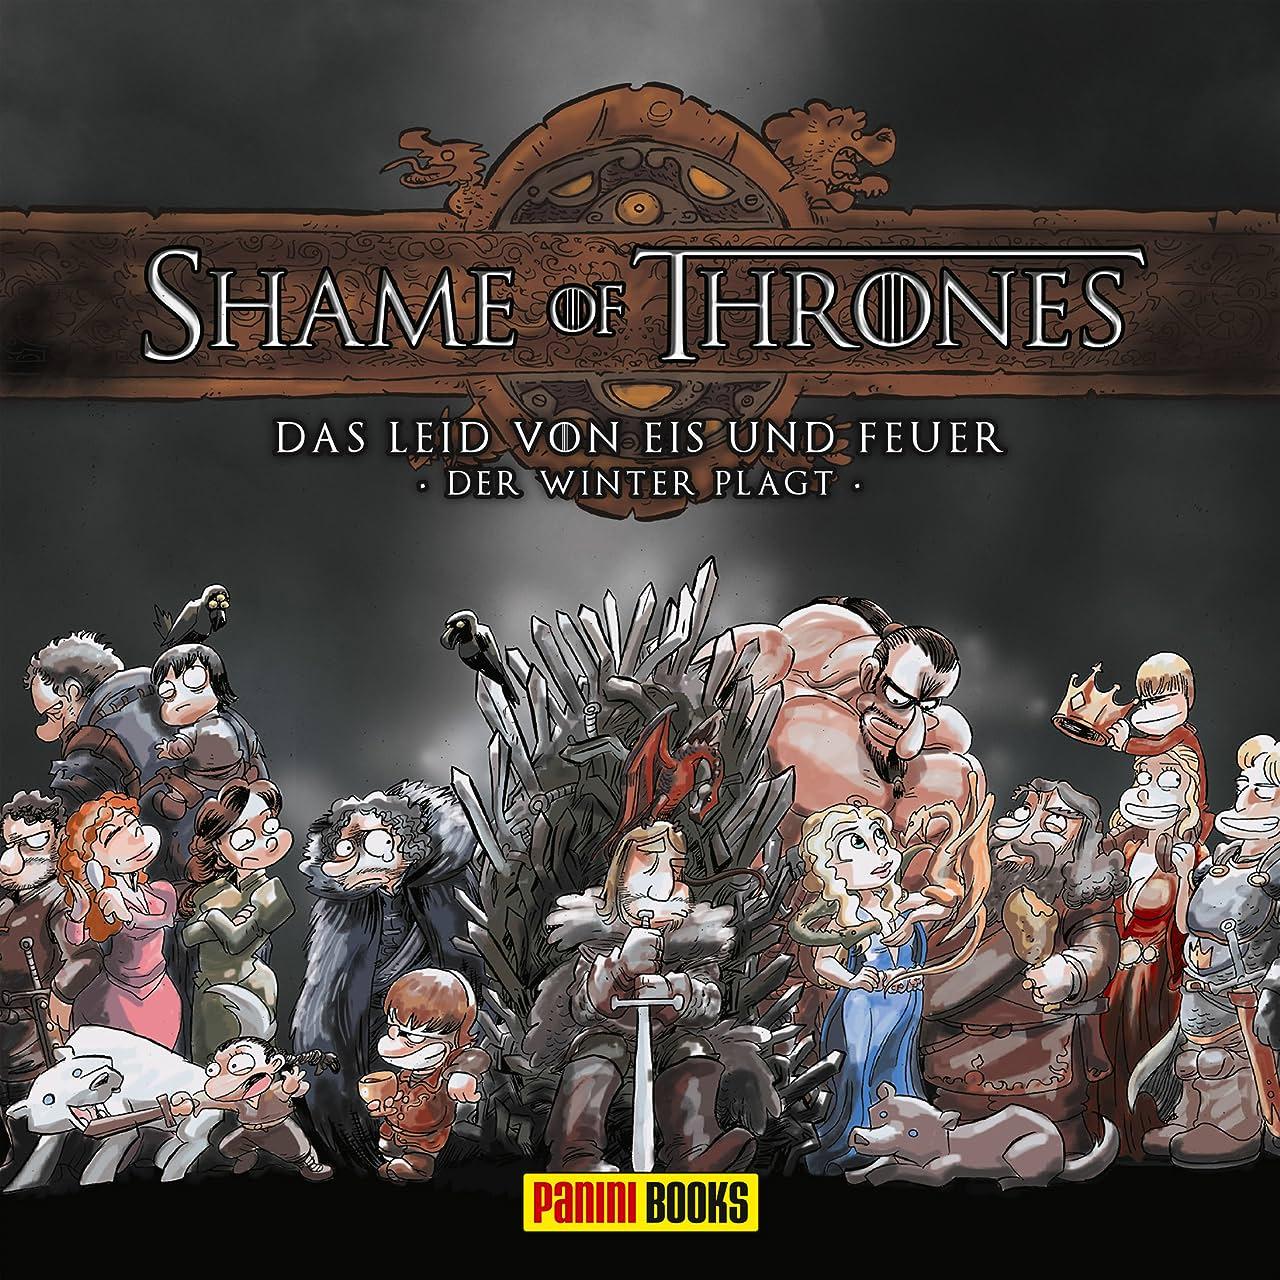 Shame of Thrones - Das Leid von Eis und Feuer Vol. 1: Der Winter plagt